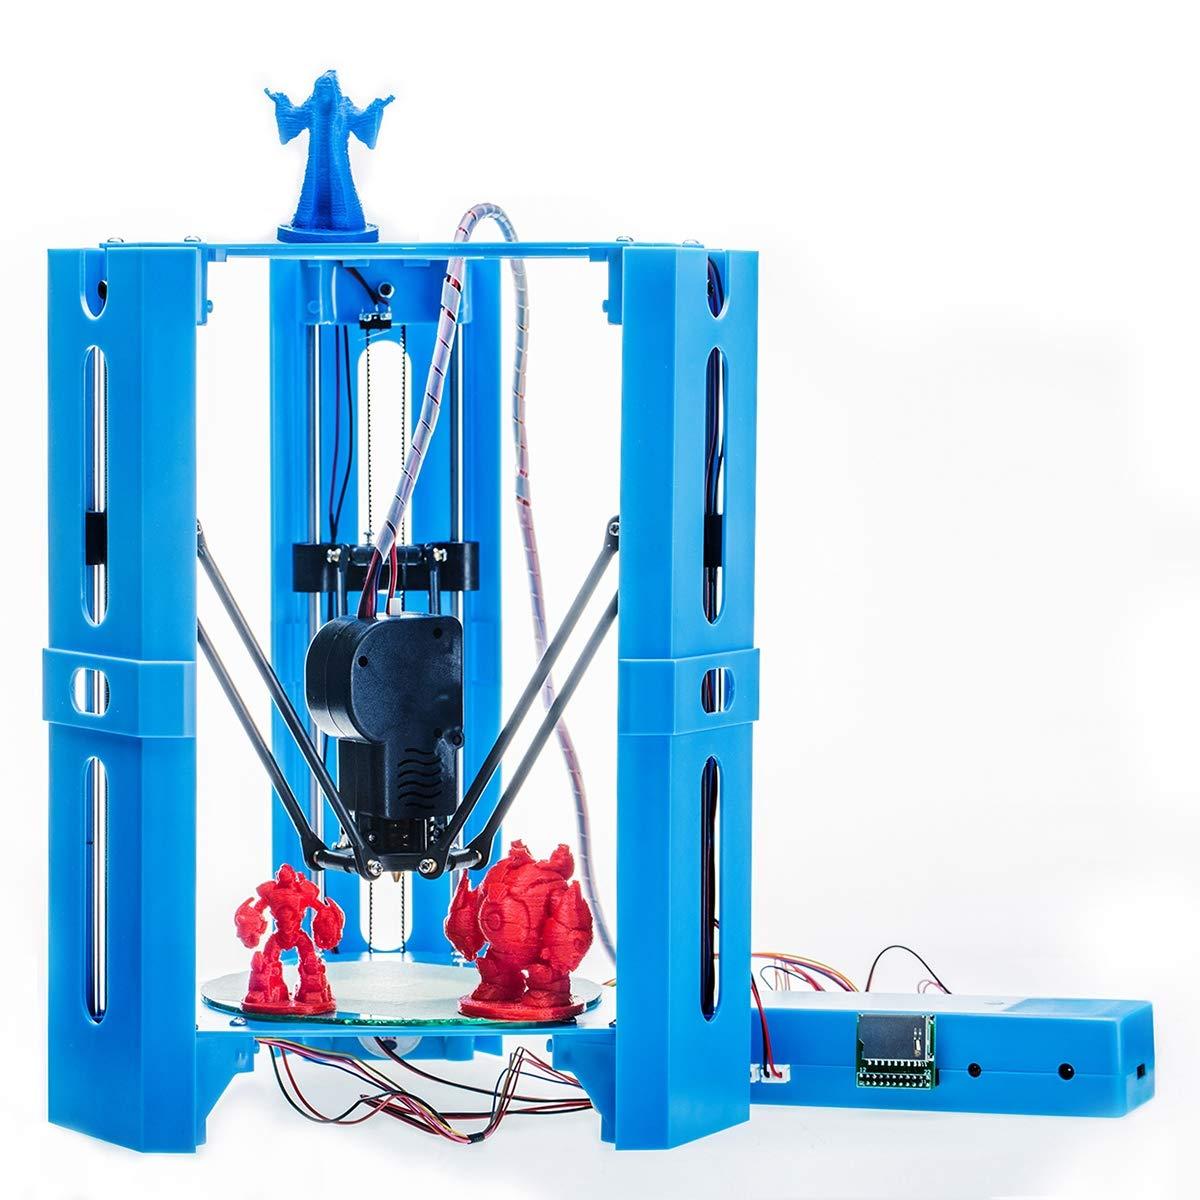 YNPGHG Impresora 3D para El Hogar, Tamaño De Impresora 100 Mm ...